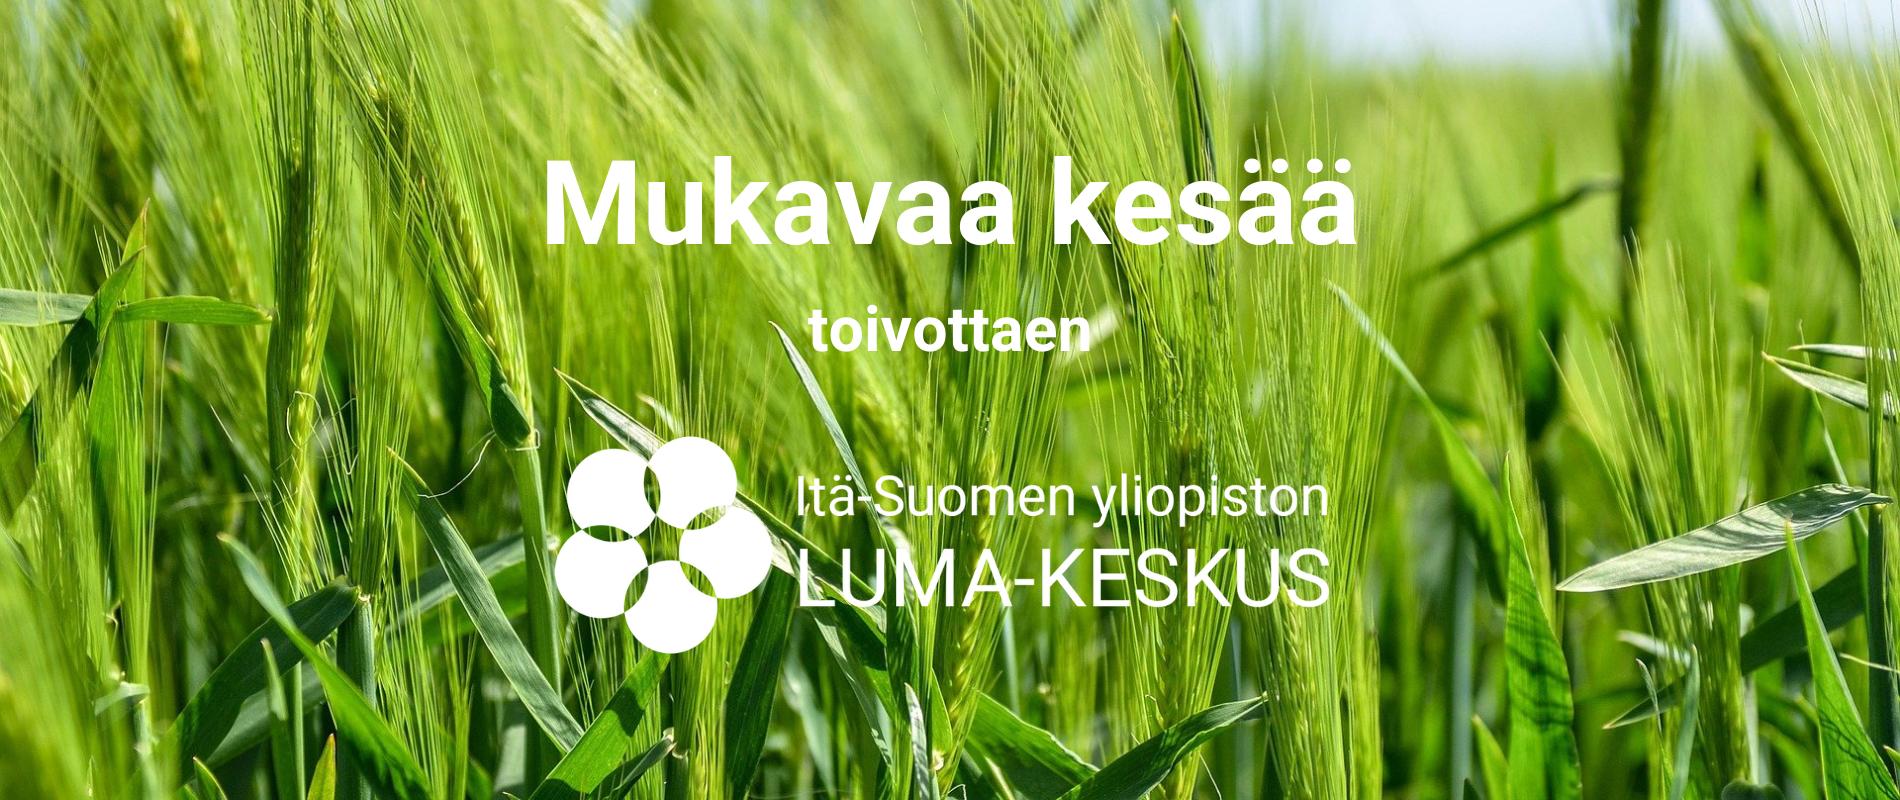 Taustalla vihreää viljaa ja teksti Mukavaa kesää toivotaten Itä-Suomen yliopiston LUMA-keskus.